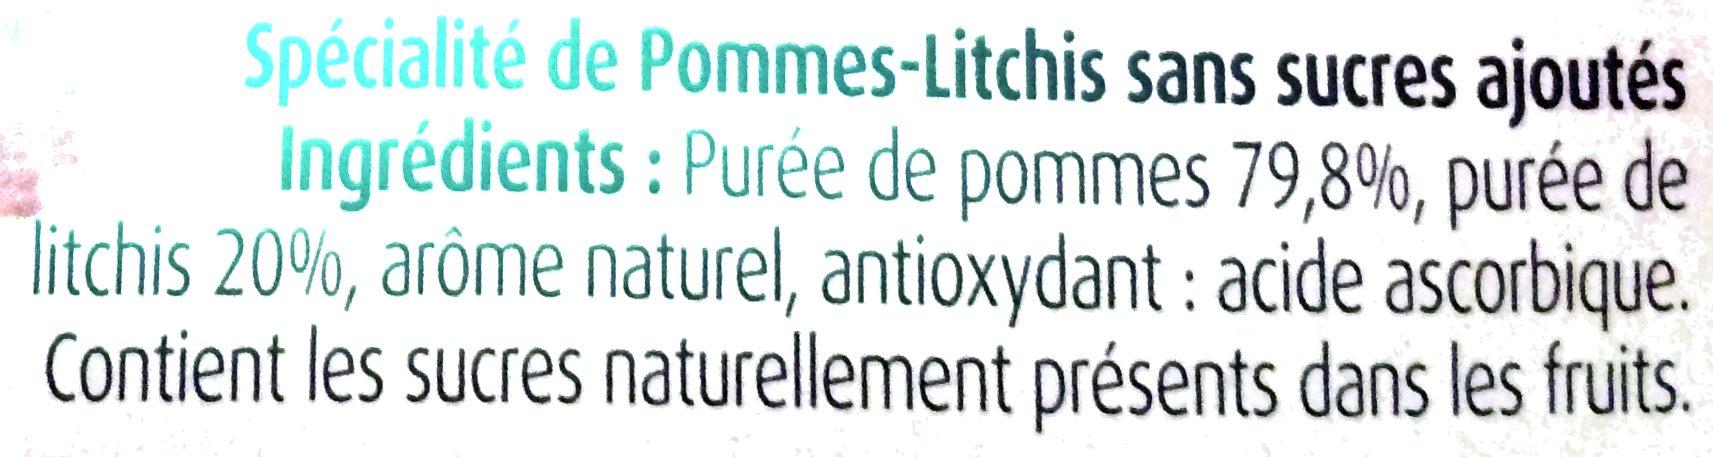 Pommes Litchis Sans Sucres Ajoutés - Ingrédients